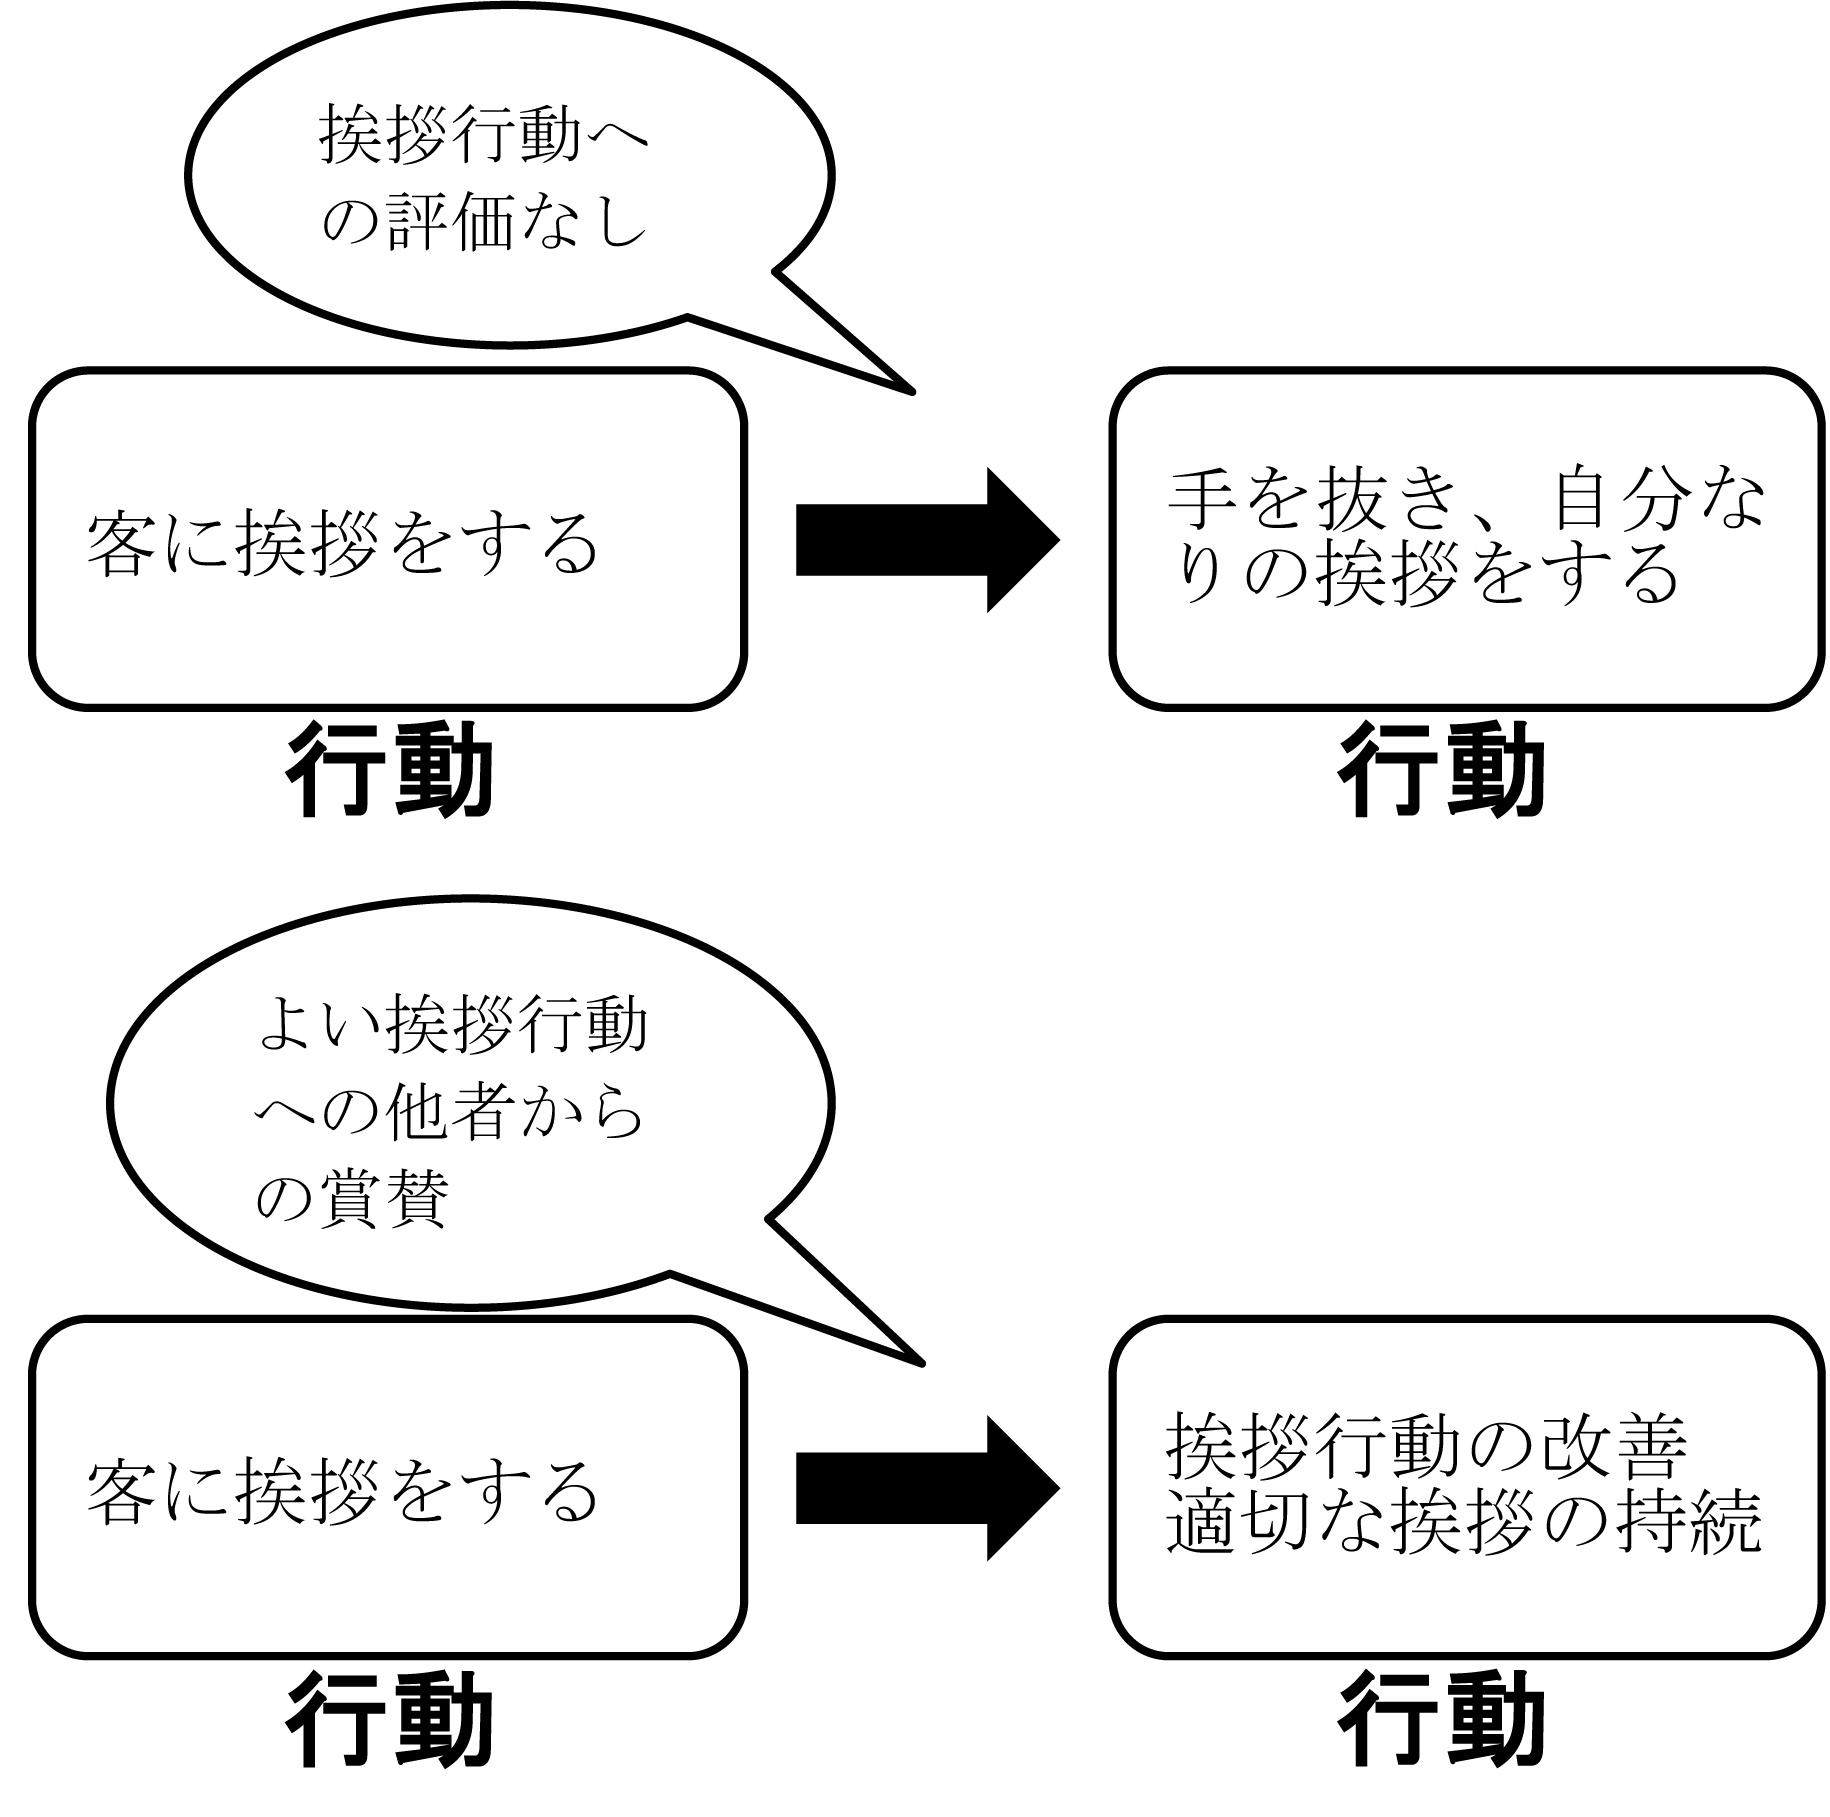 挨拶の分化強化2